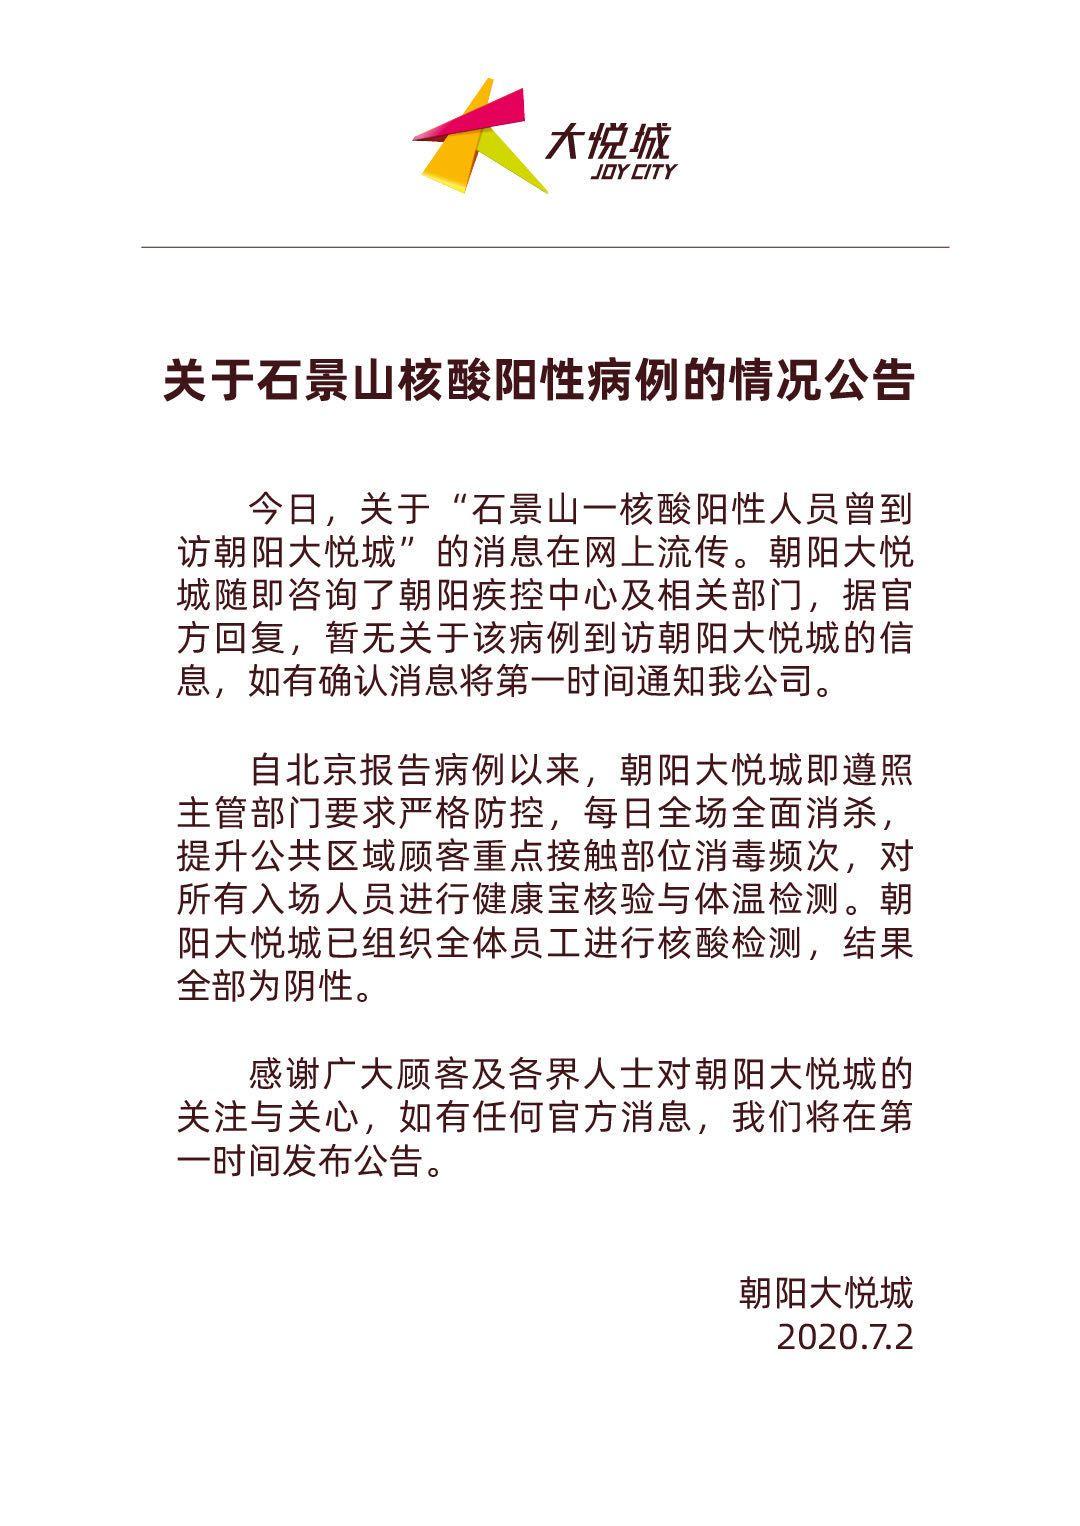 杏悦主管似病杏悦主管例去过北京朝阳大悦图片